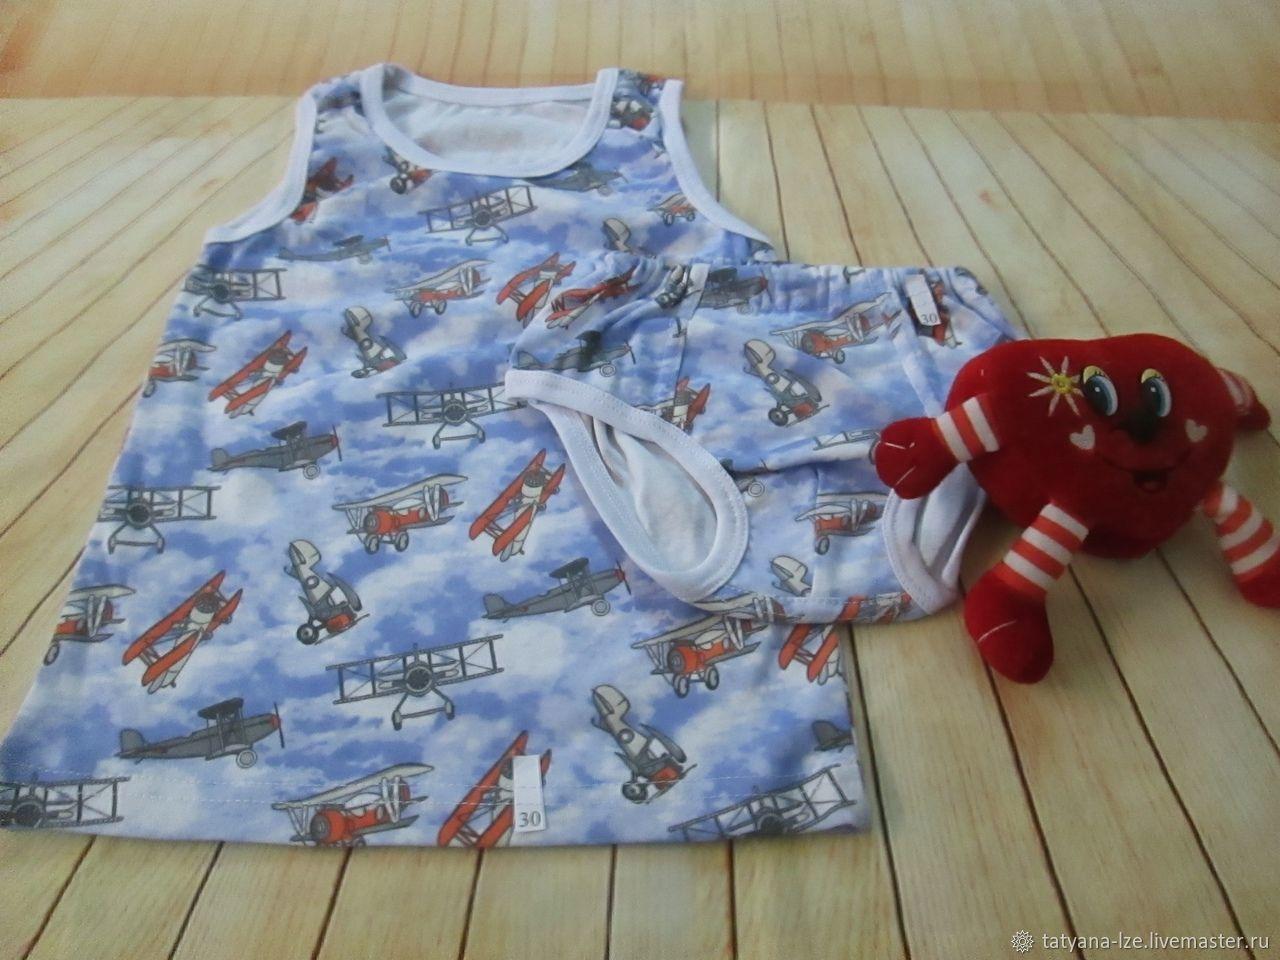 Комплект нижнего белья для мальчика- ручная работа, Для новорожденных, Курск, Фото №1